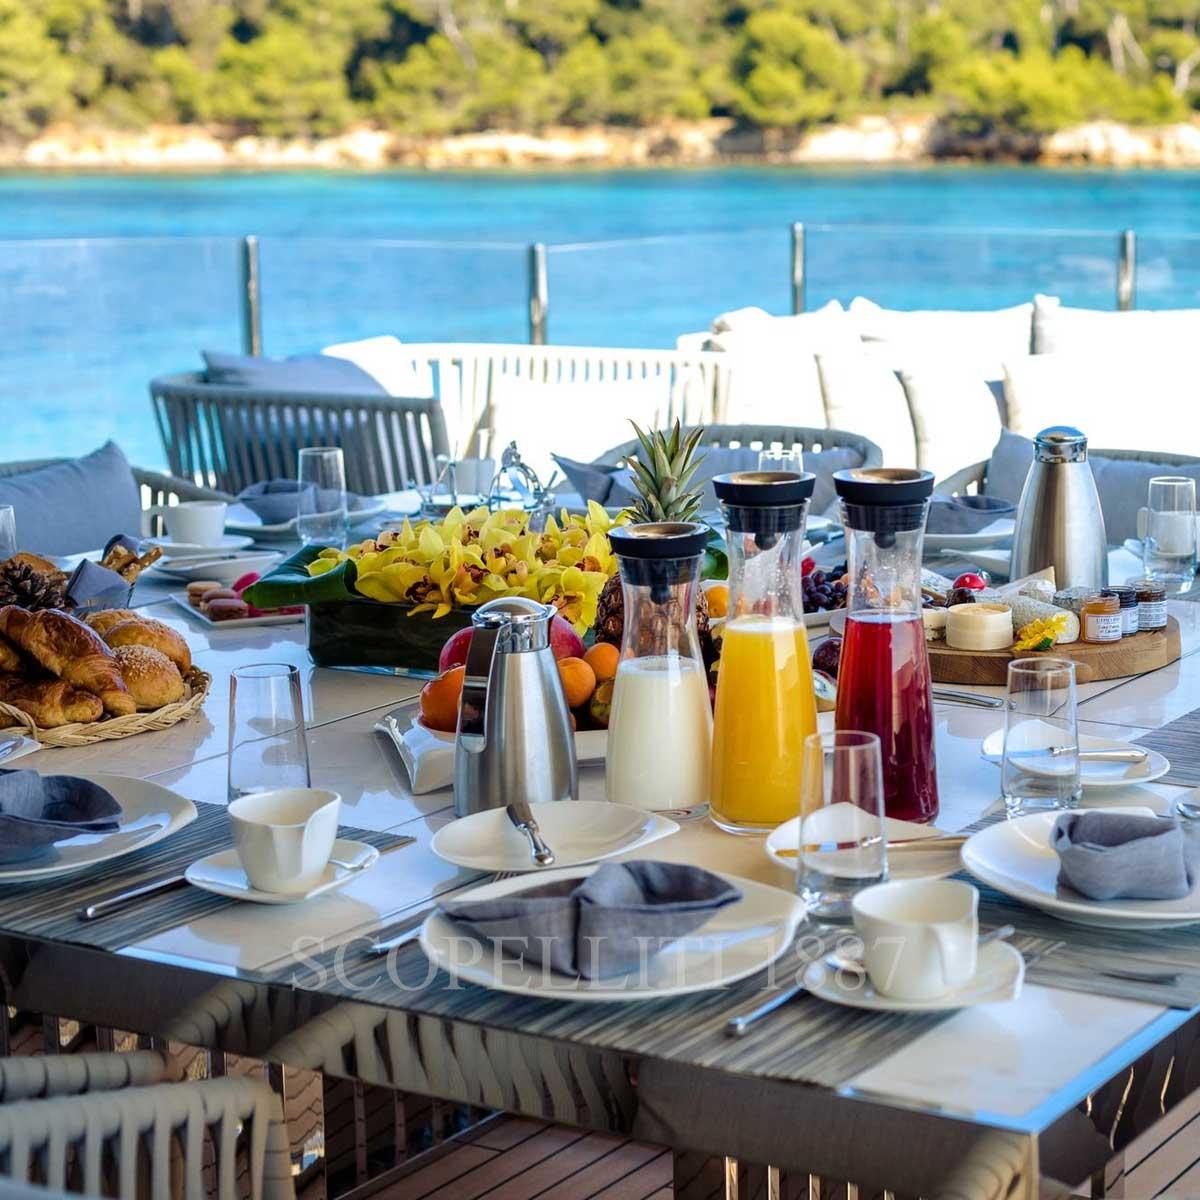 luxury yacht dinnerware